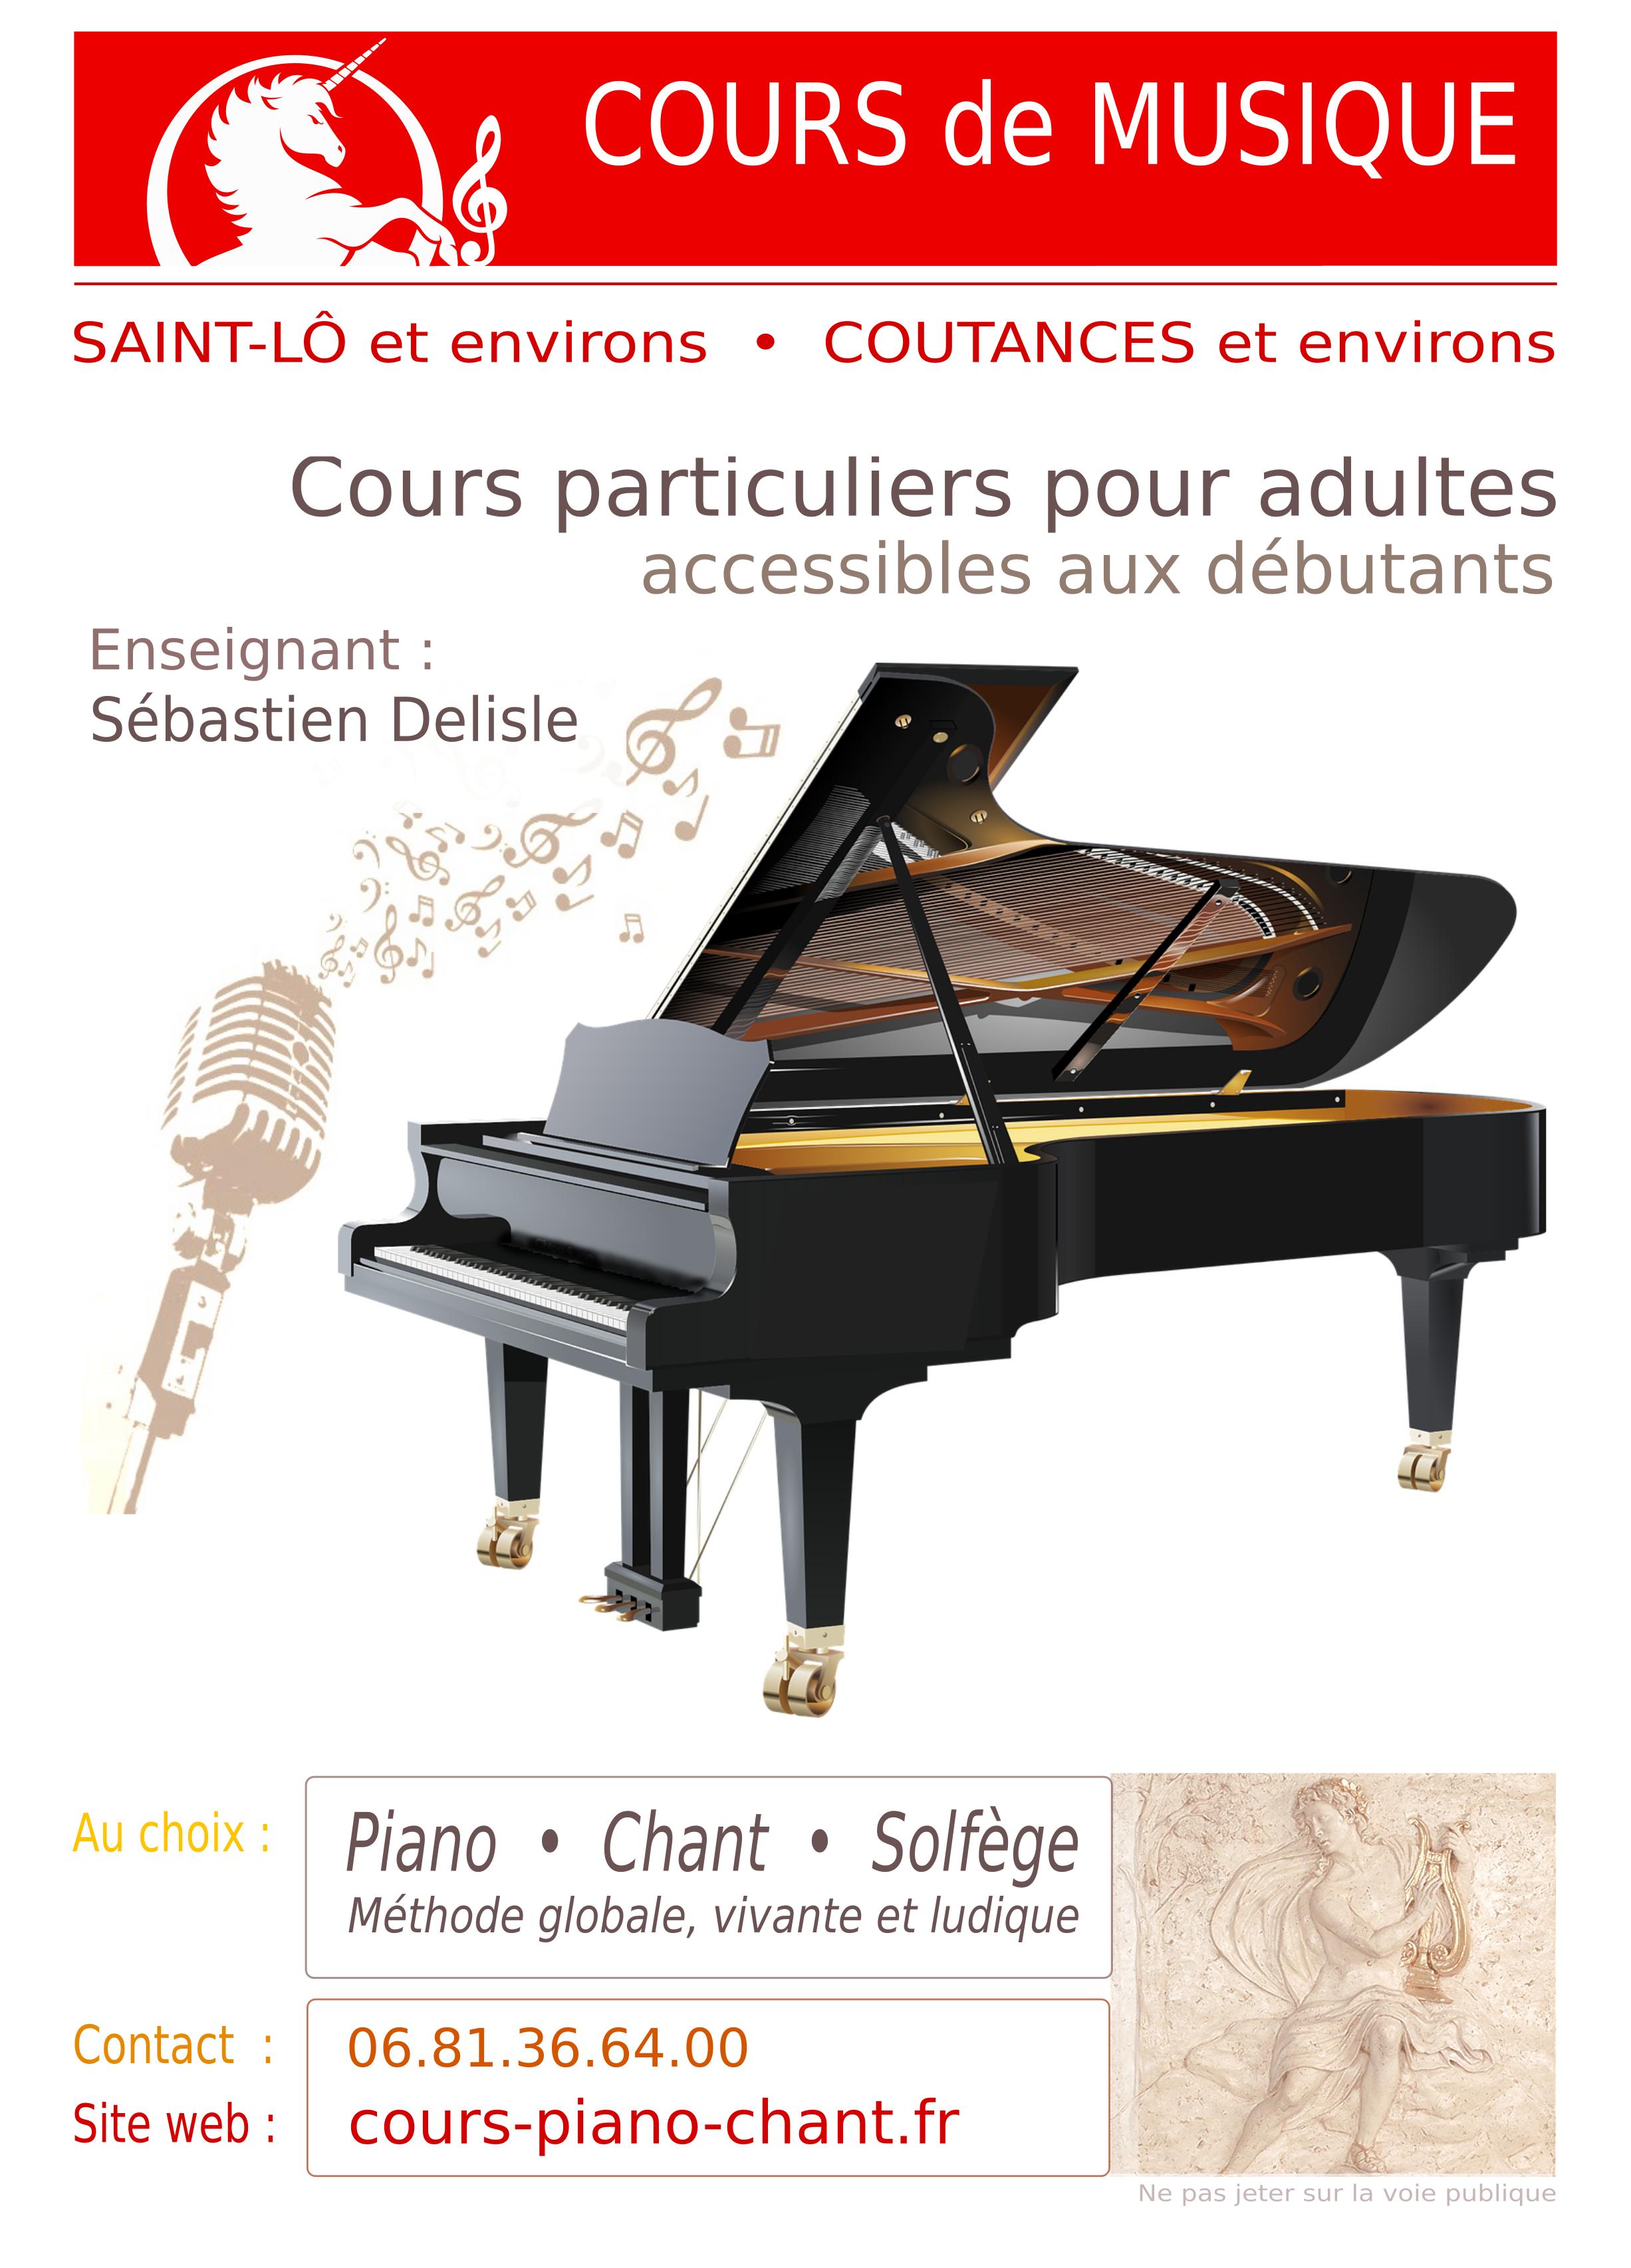 S bastien delisle cours de piano chant coutances et - Cours de piano montpellier ...